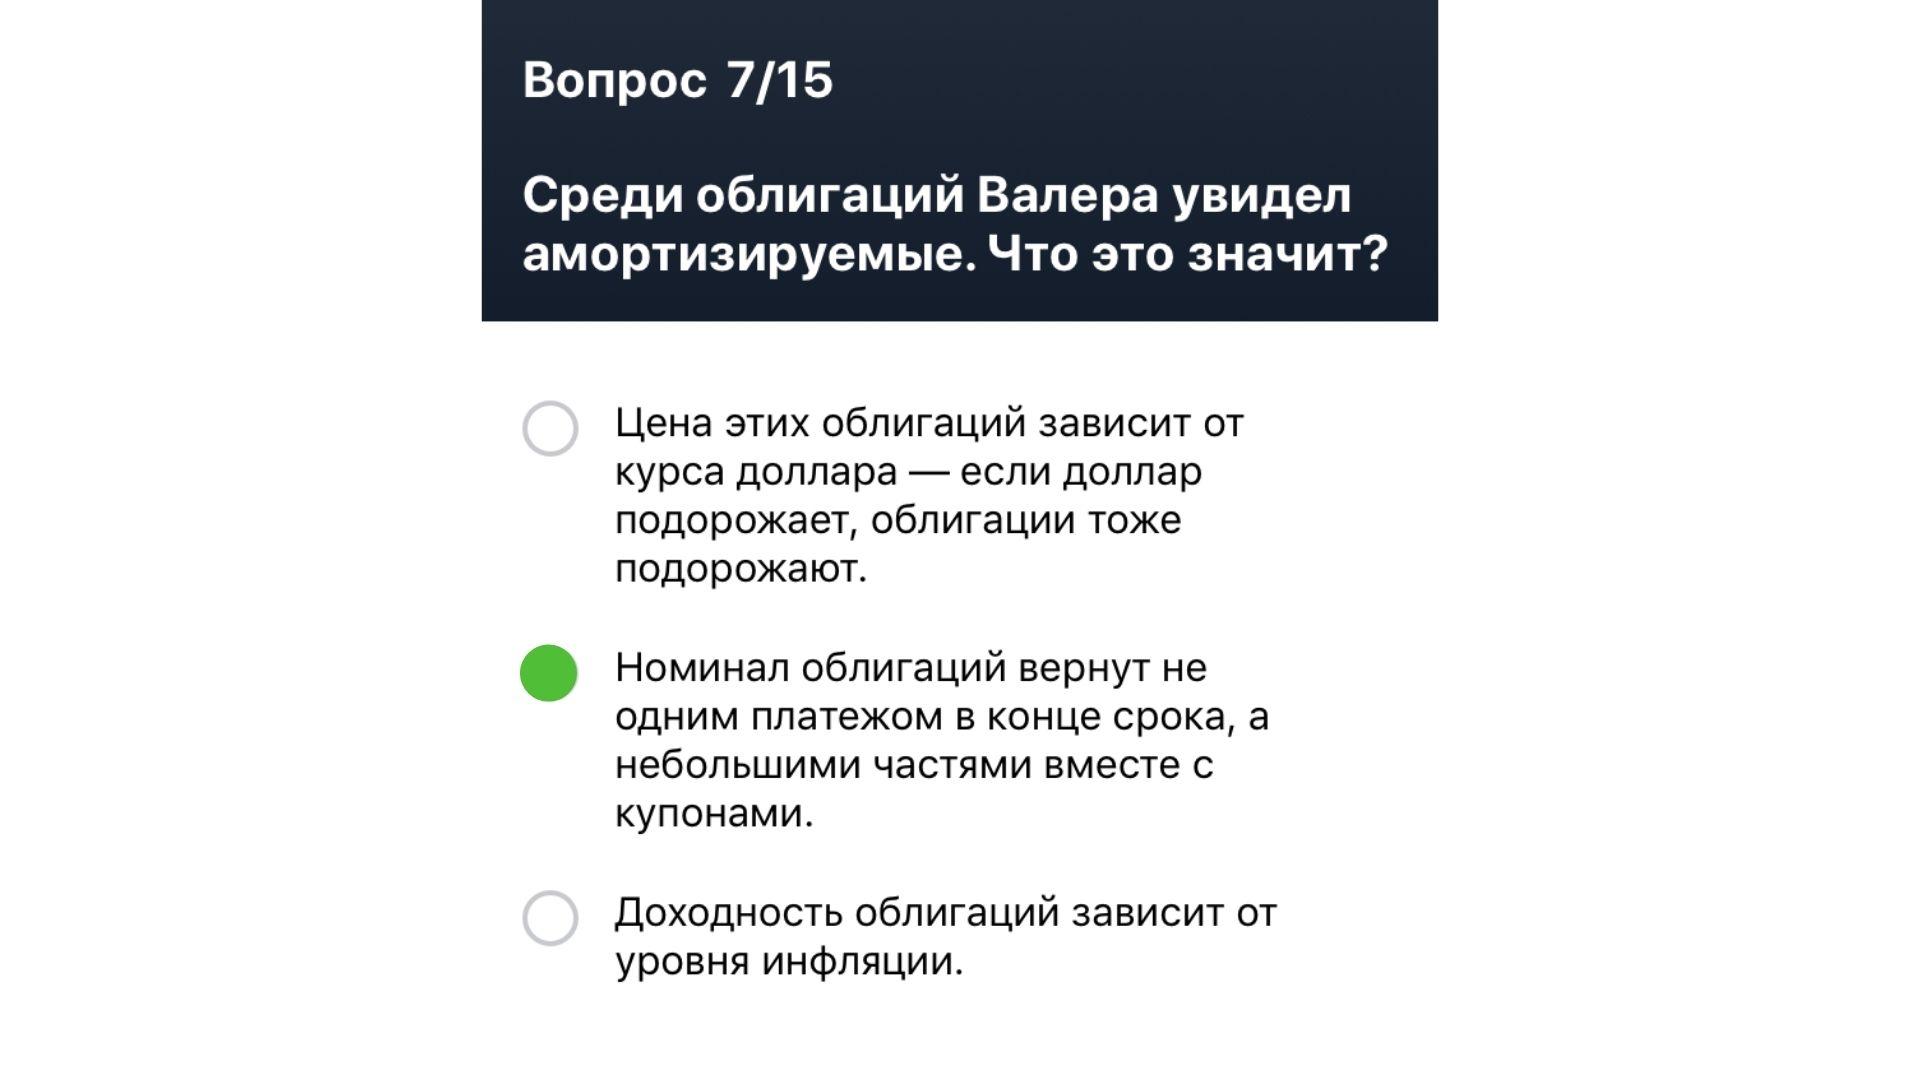 Тинькофф Инвестиции. Правильные ответы на тест Экзамен вопрос 7